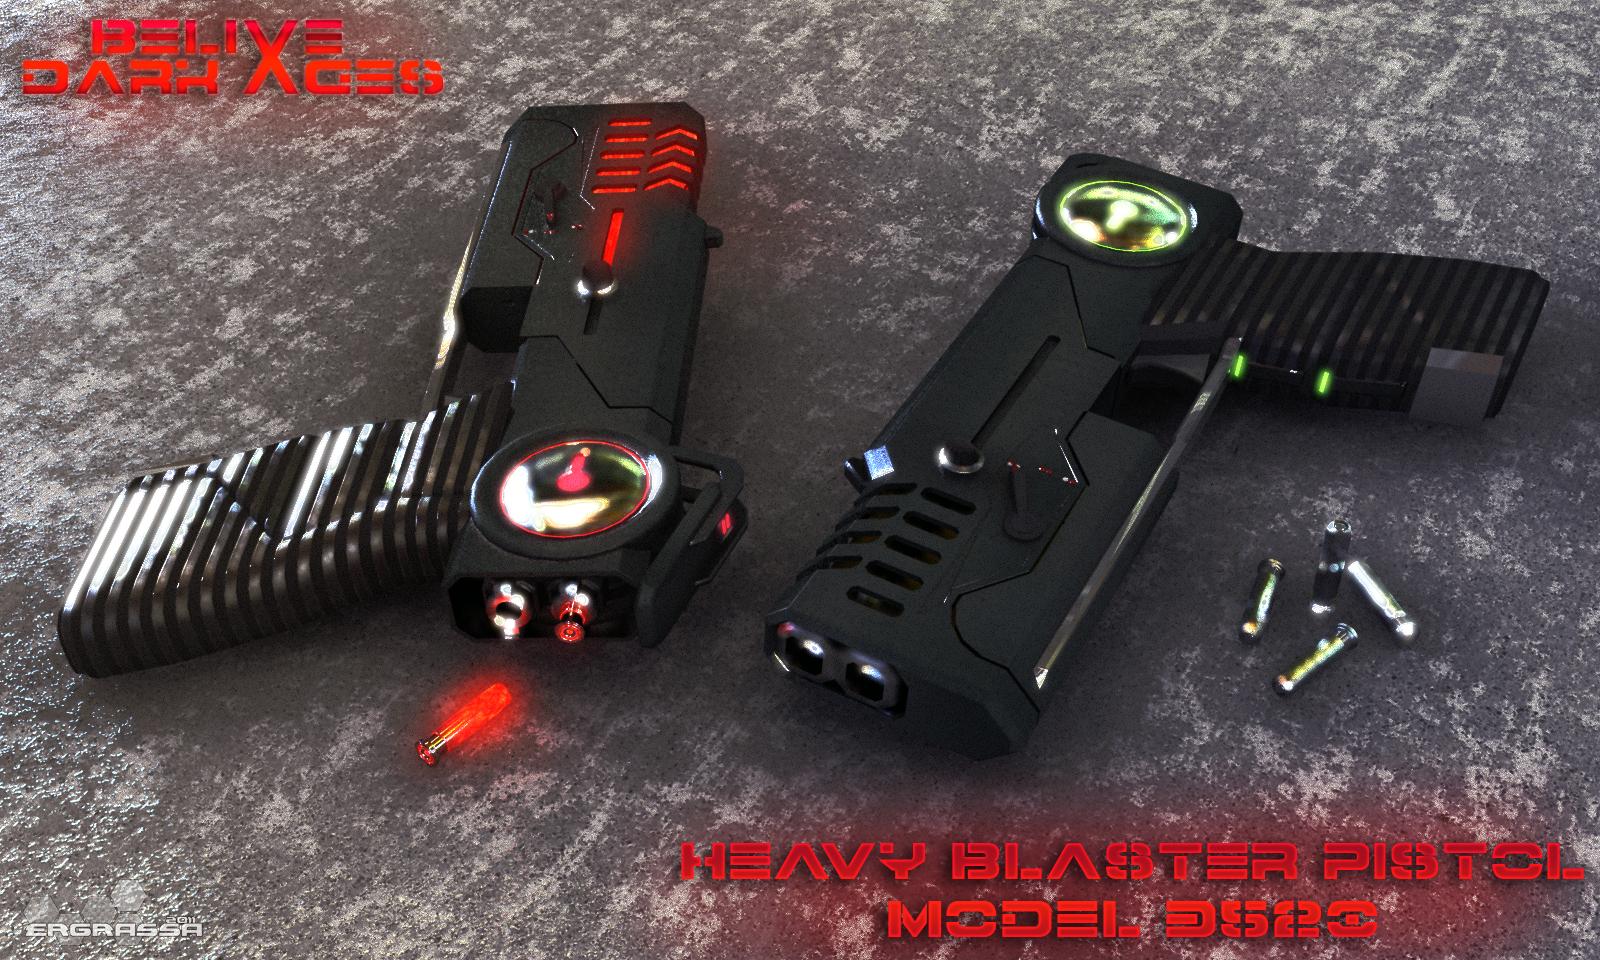 Blaster Pistol 3520 by Ergrassa